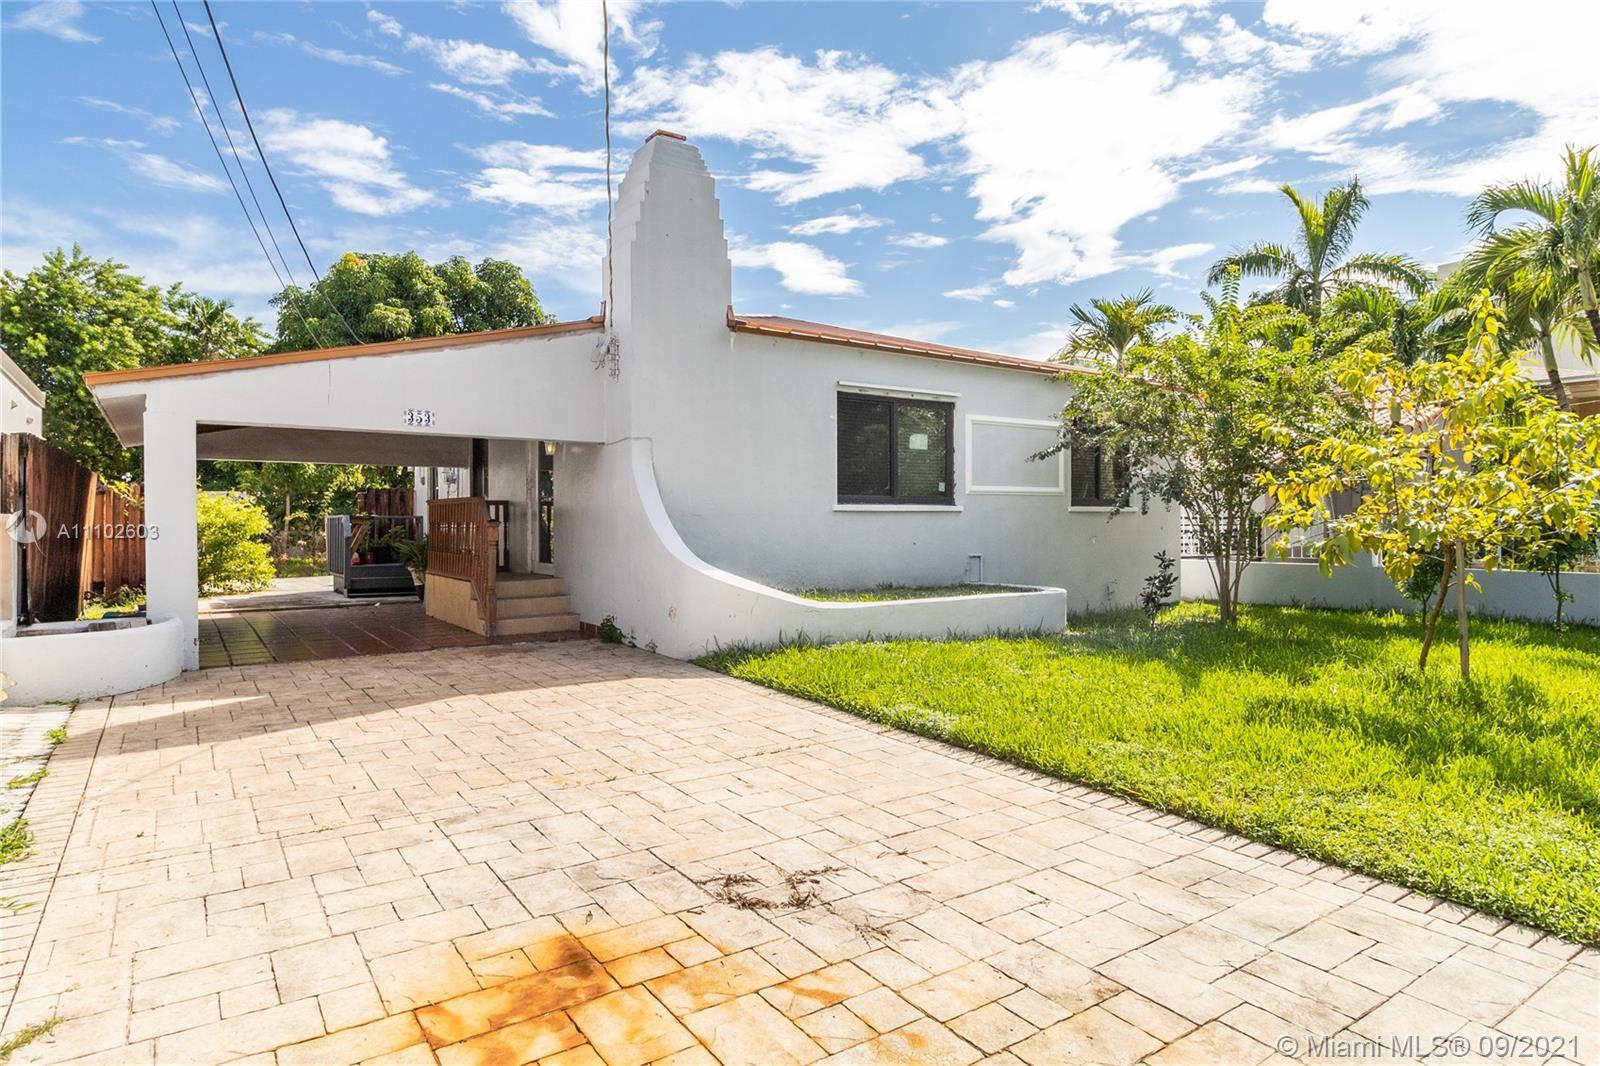 353 23rd Rd, Miami, Florida 33129